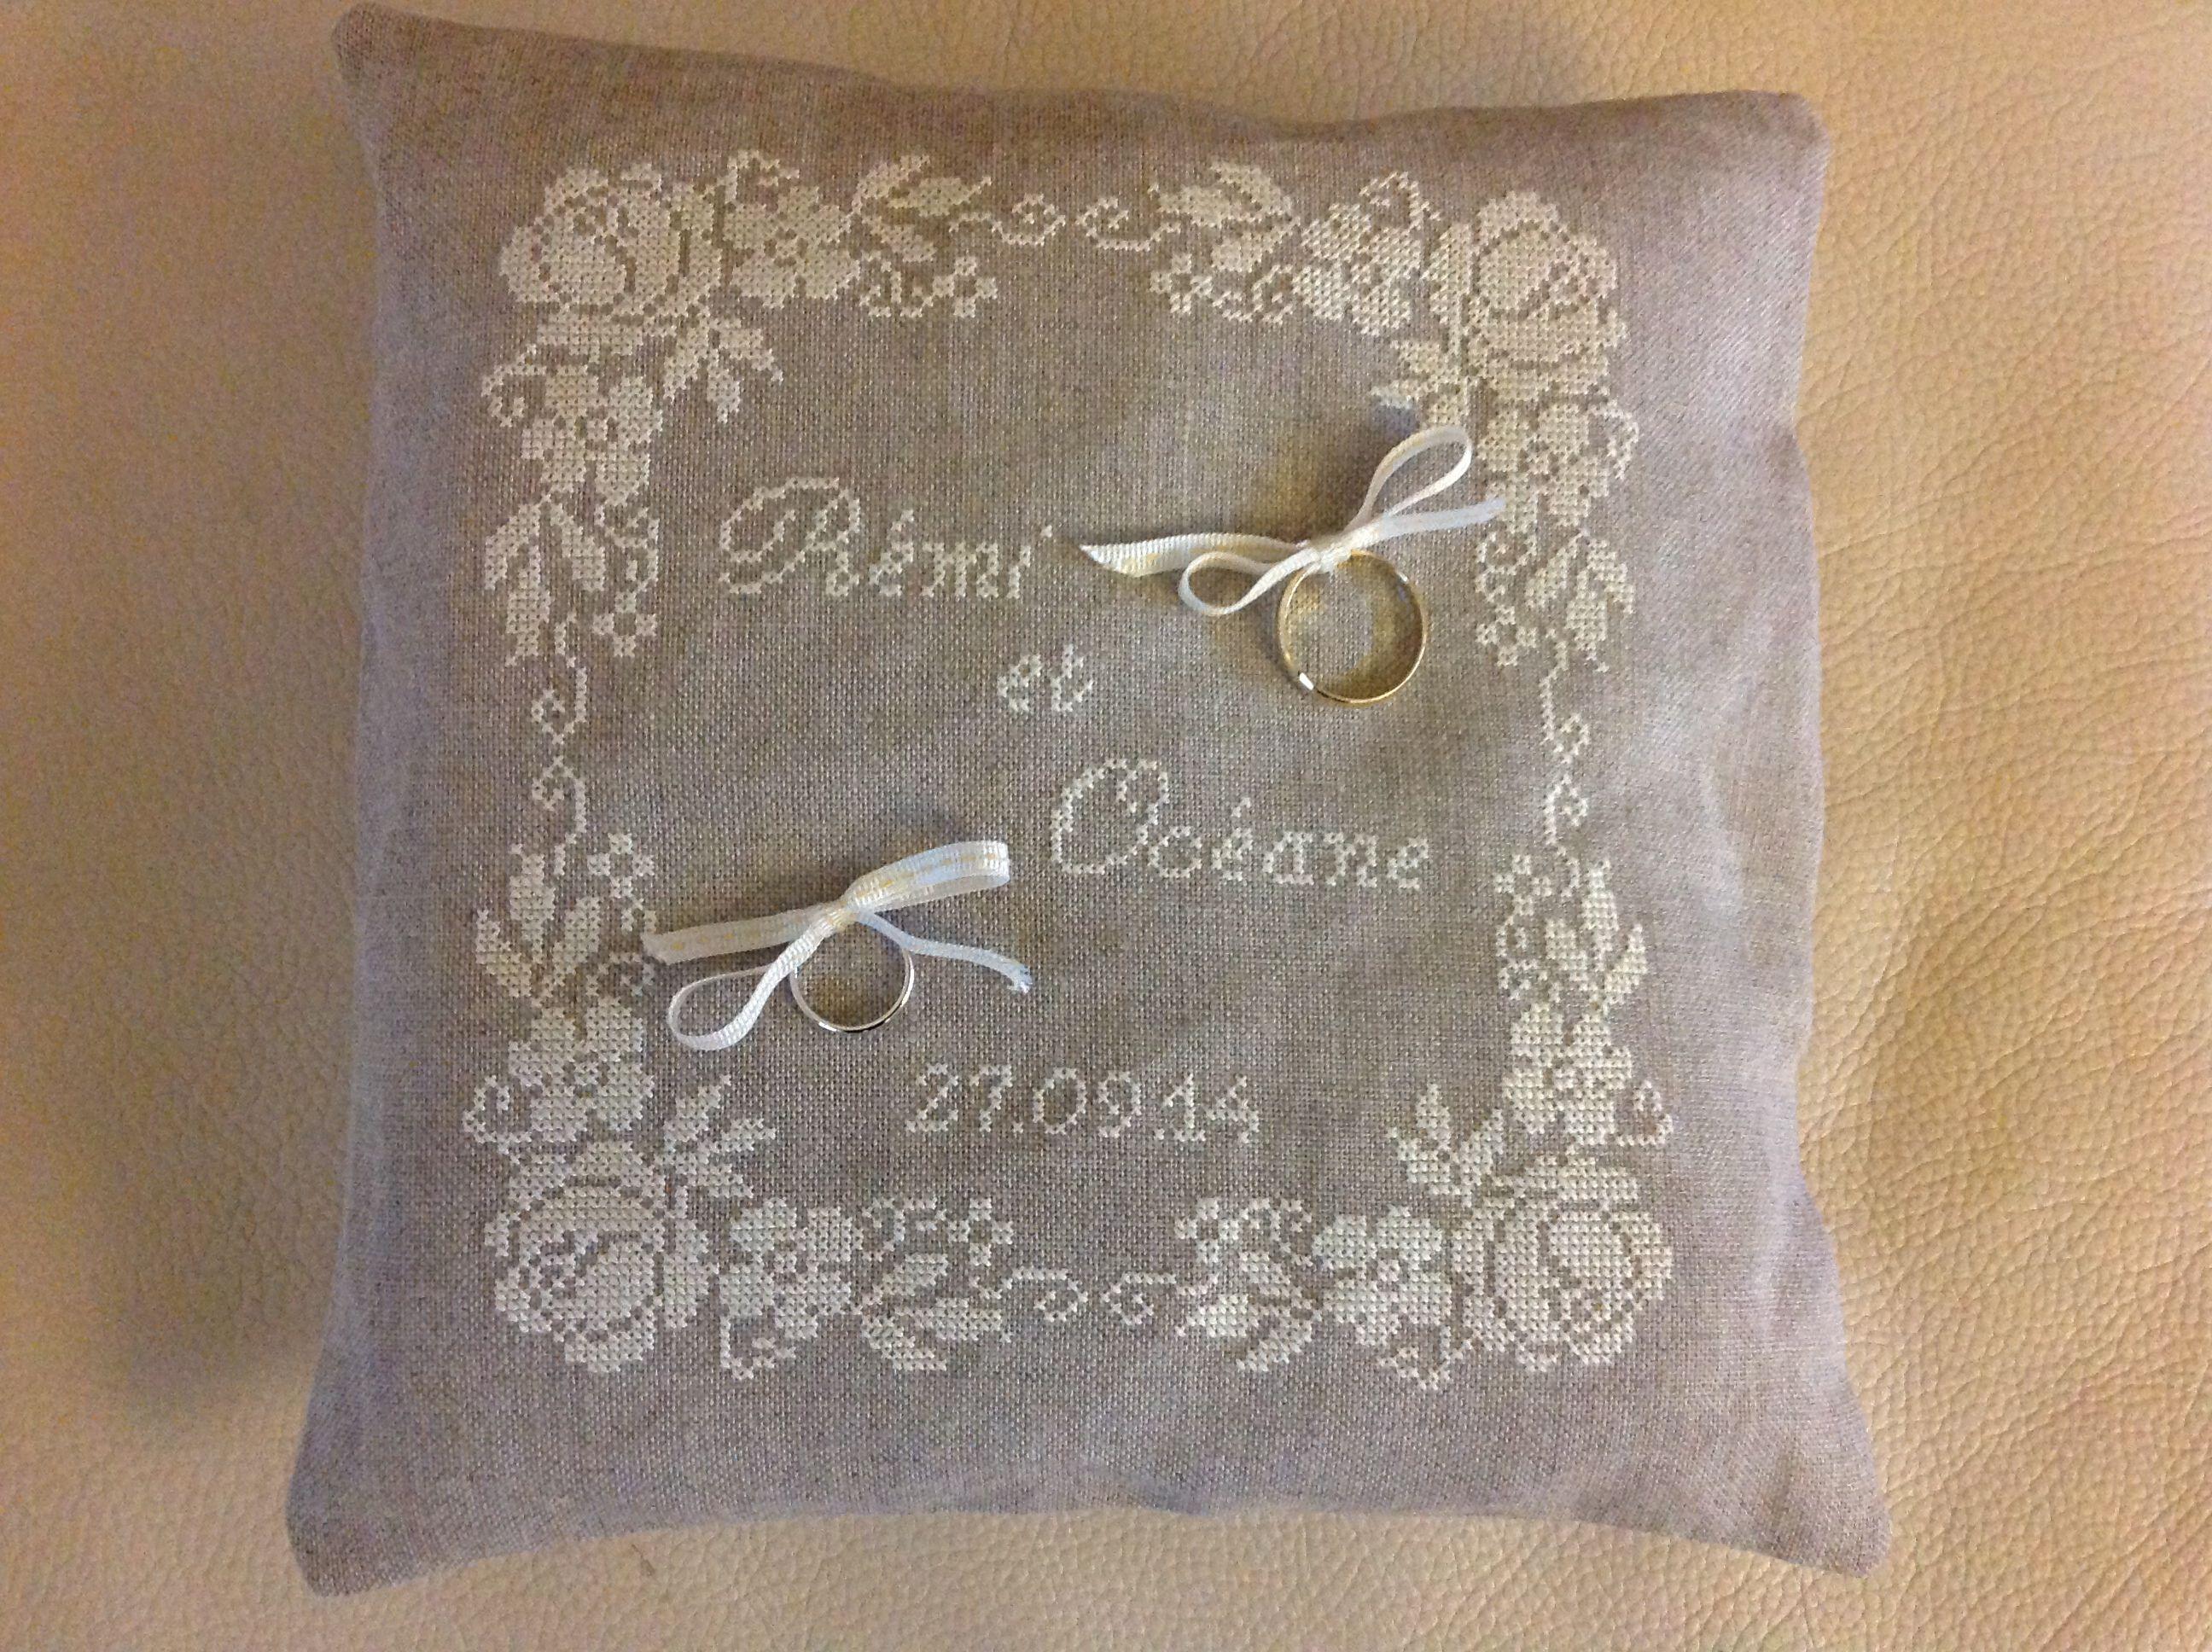 Coussin d'alliance mariage - Point de croix | Anelli di fidanzamento, Idee per matrimoni